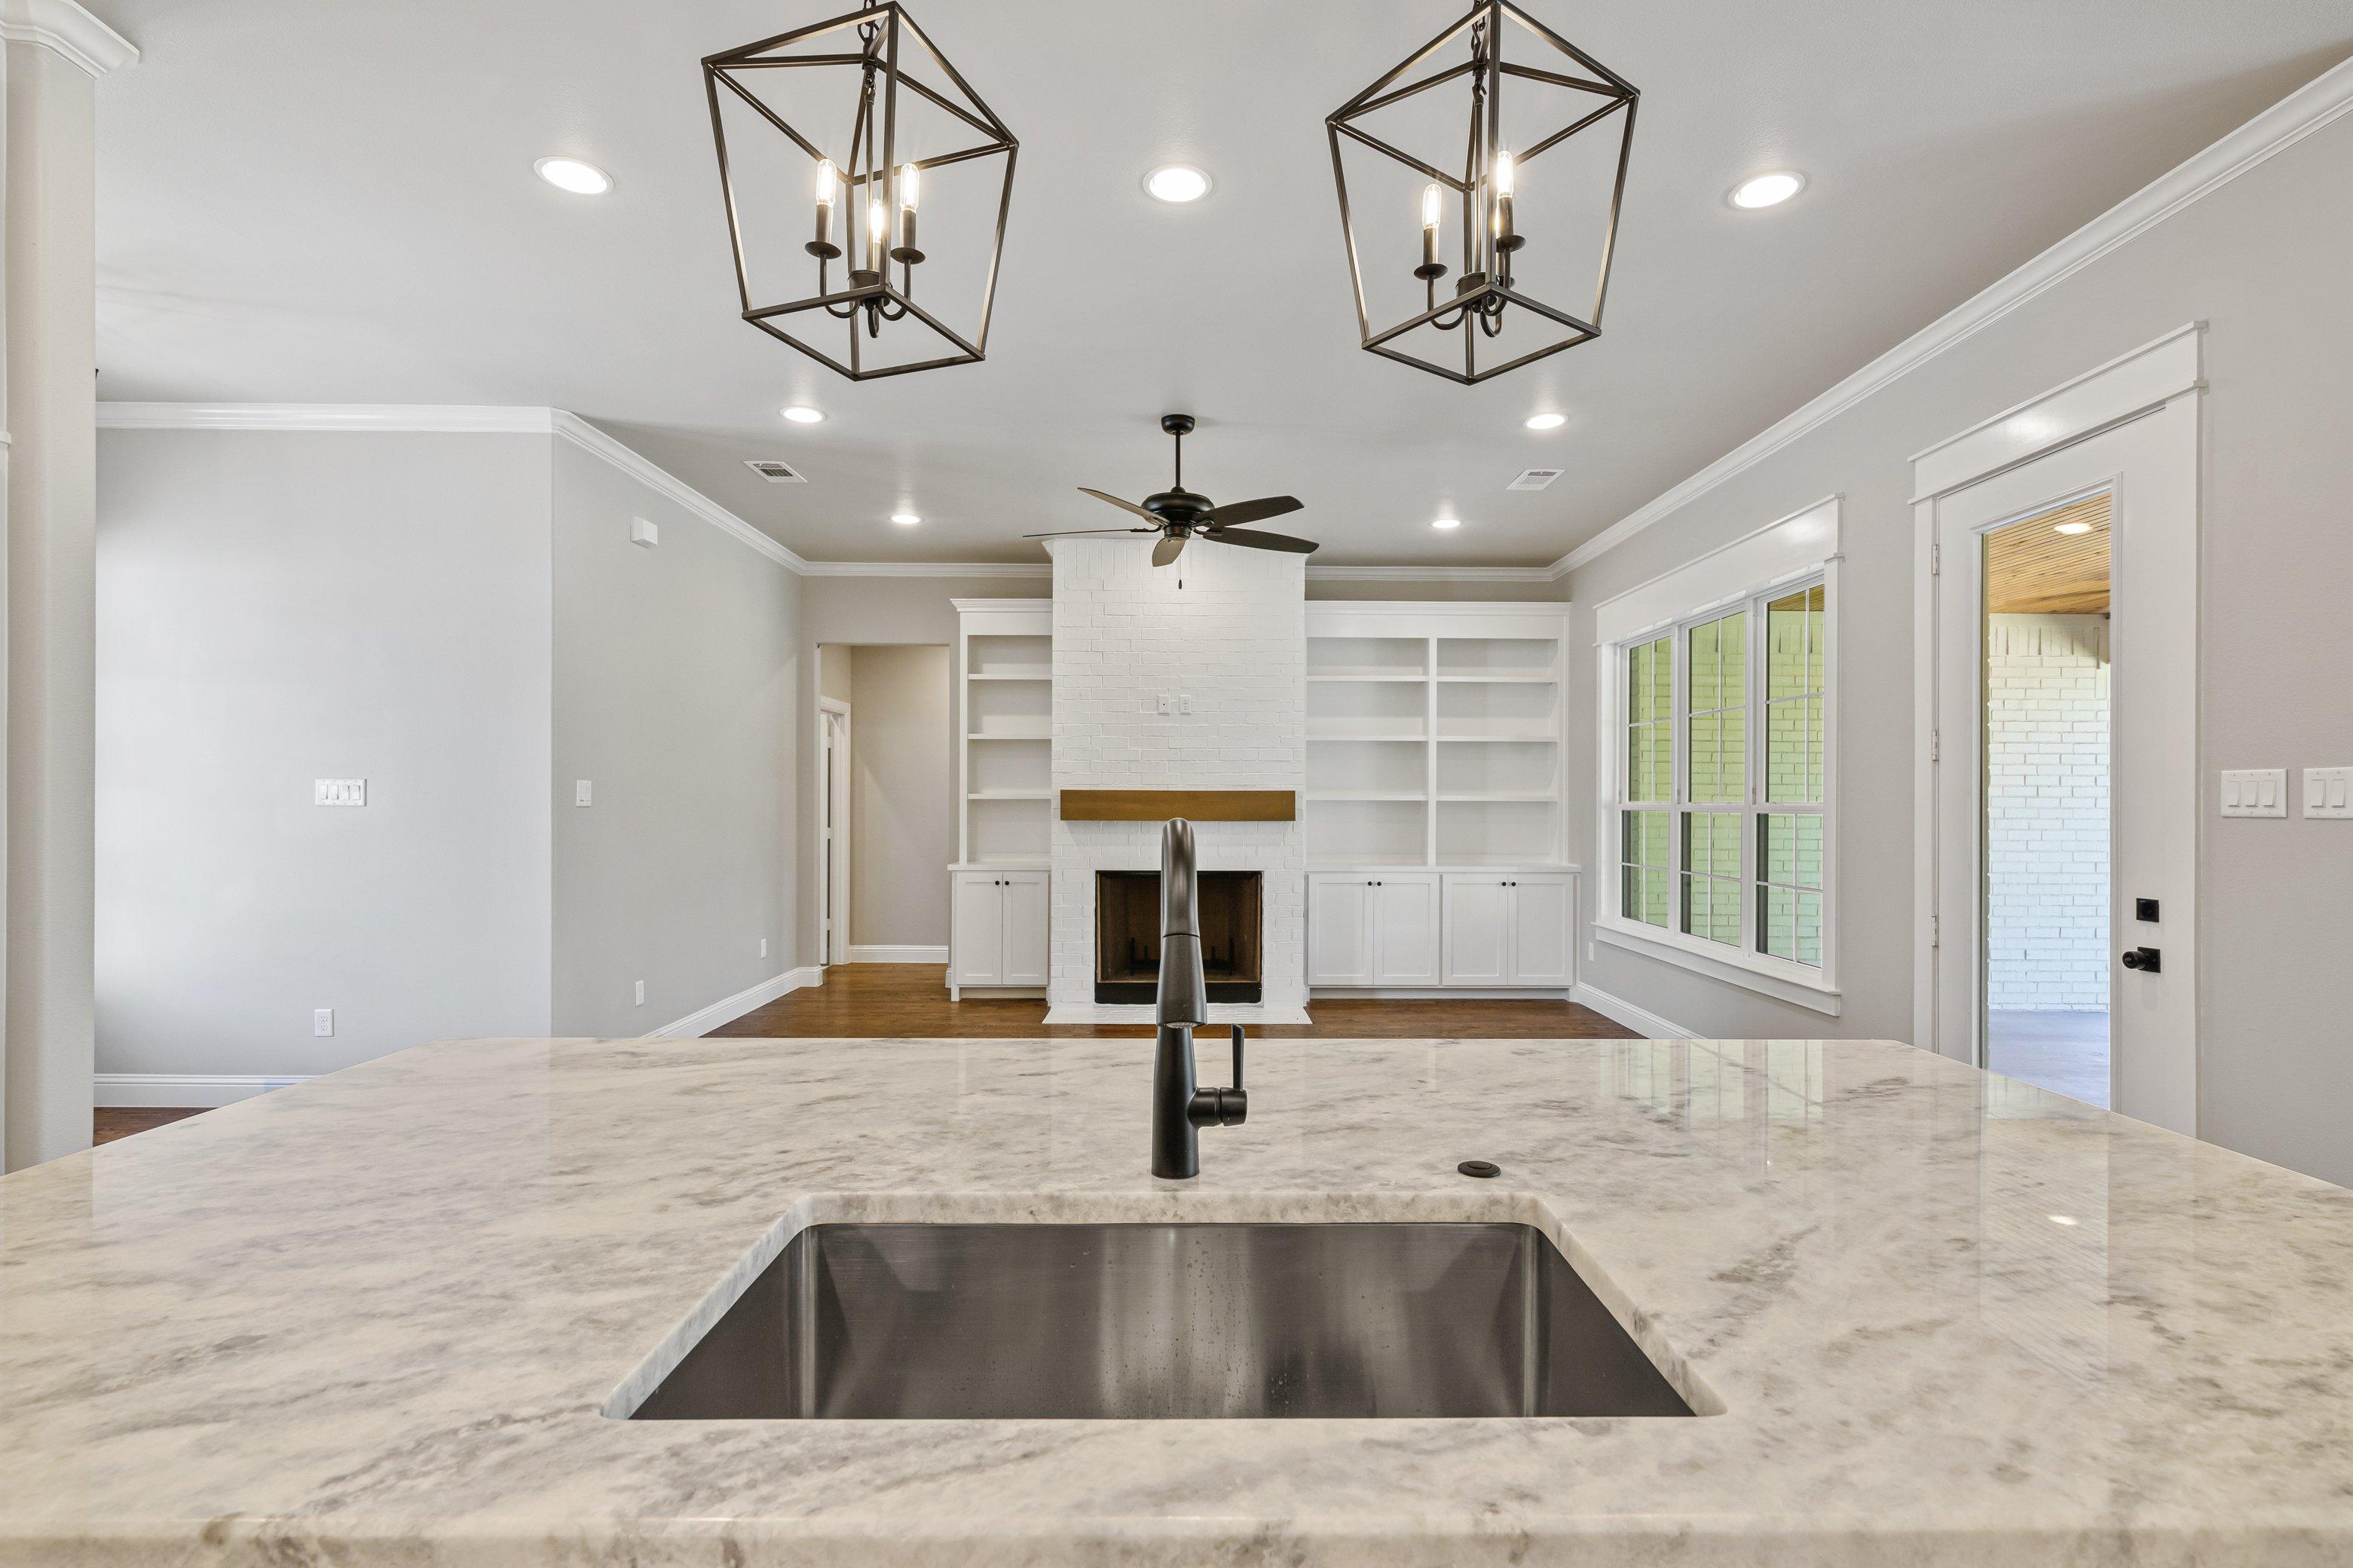 https://0201.nccdn.net/4_2/000/000/009/6ba/kitchen-to-living-view.jpg